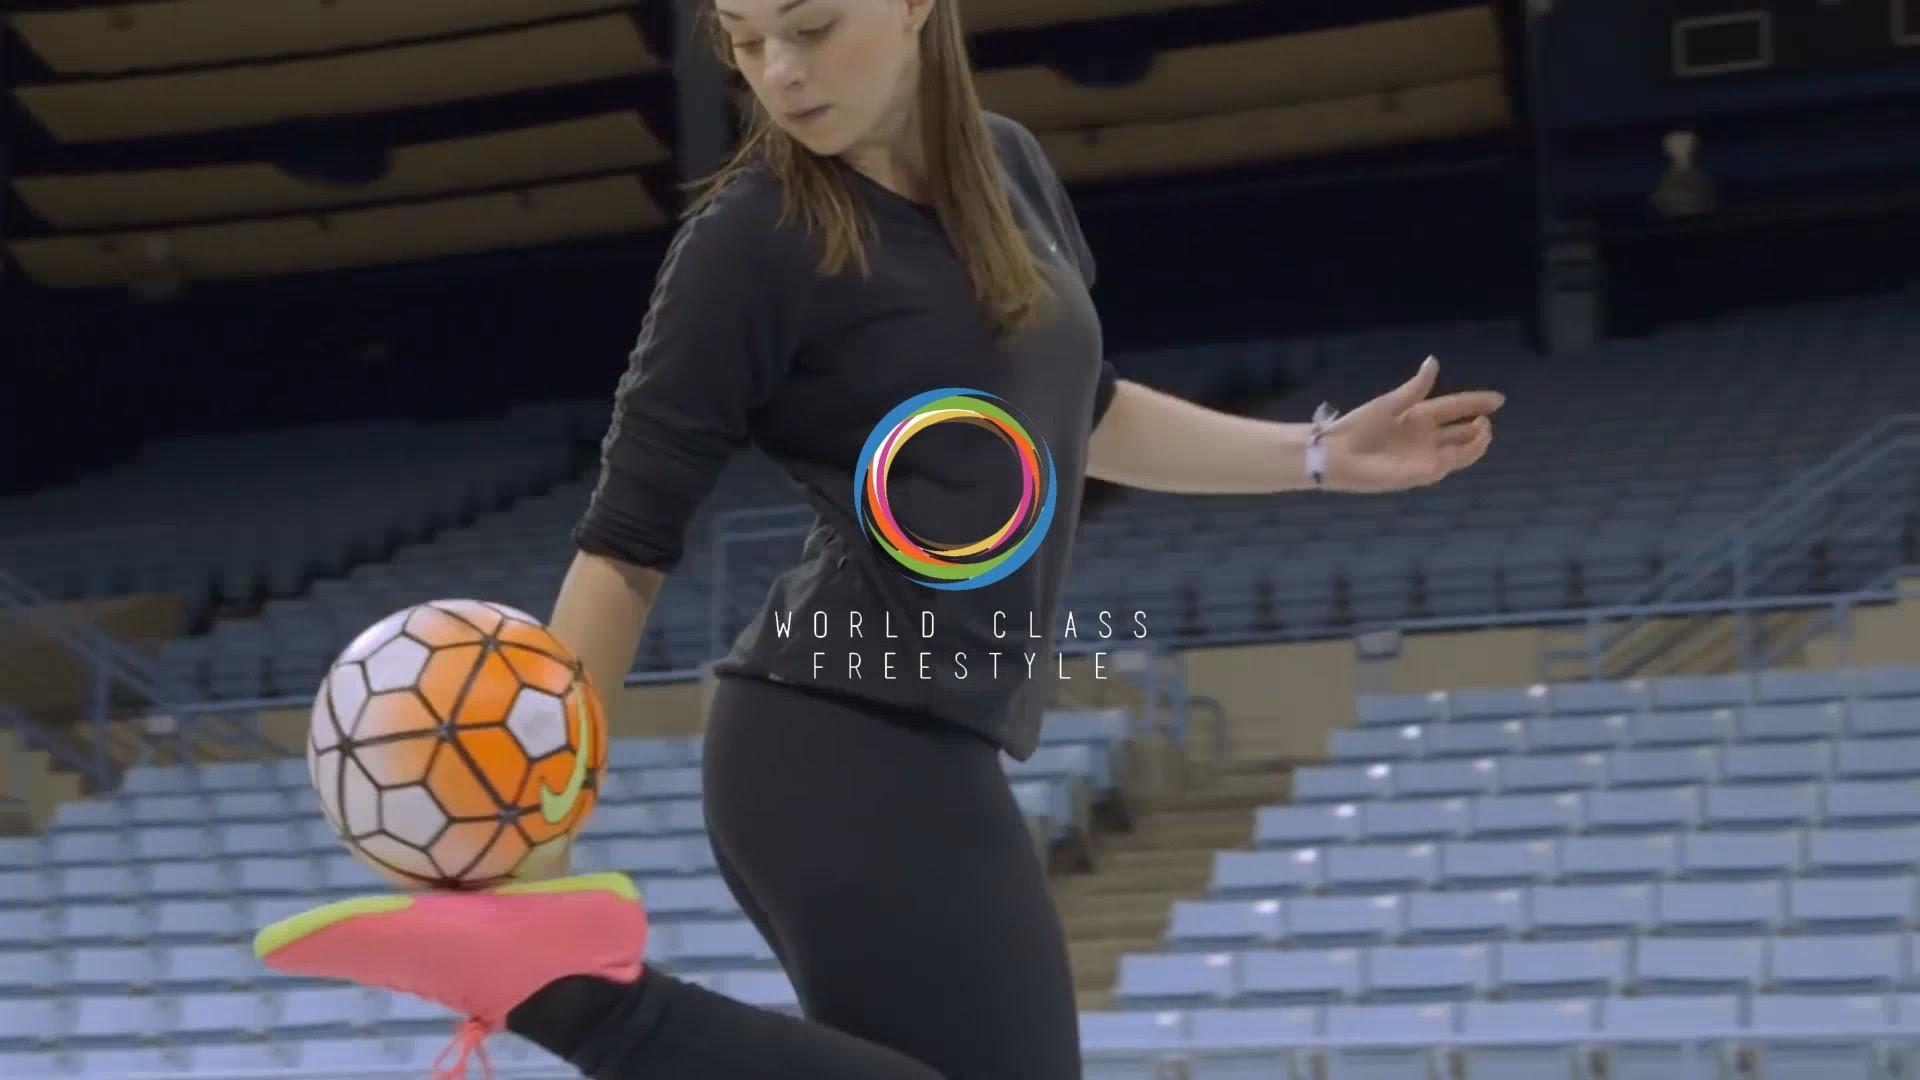 Indi Cowie Freestyle Soccer 2016 – Amazing Female Freestyler (North  Carolina, USA) – YouTube